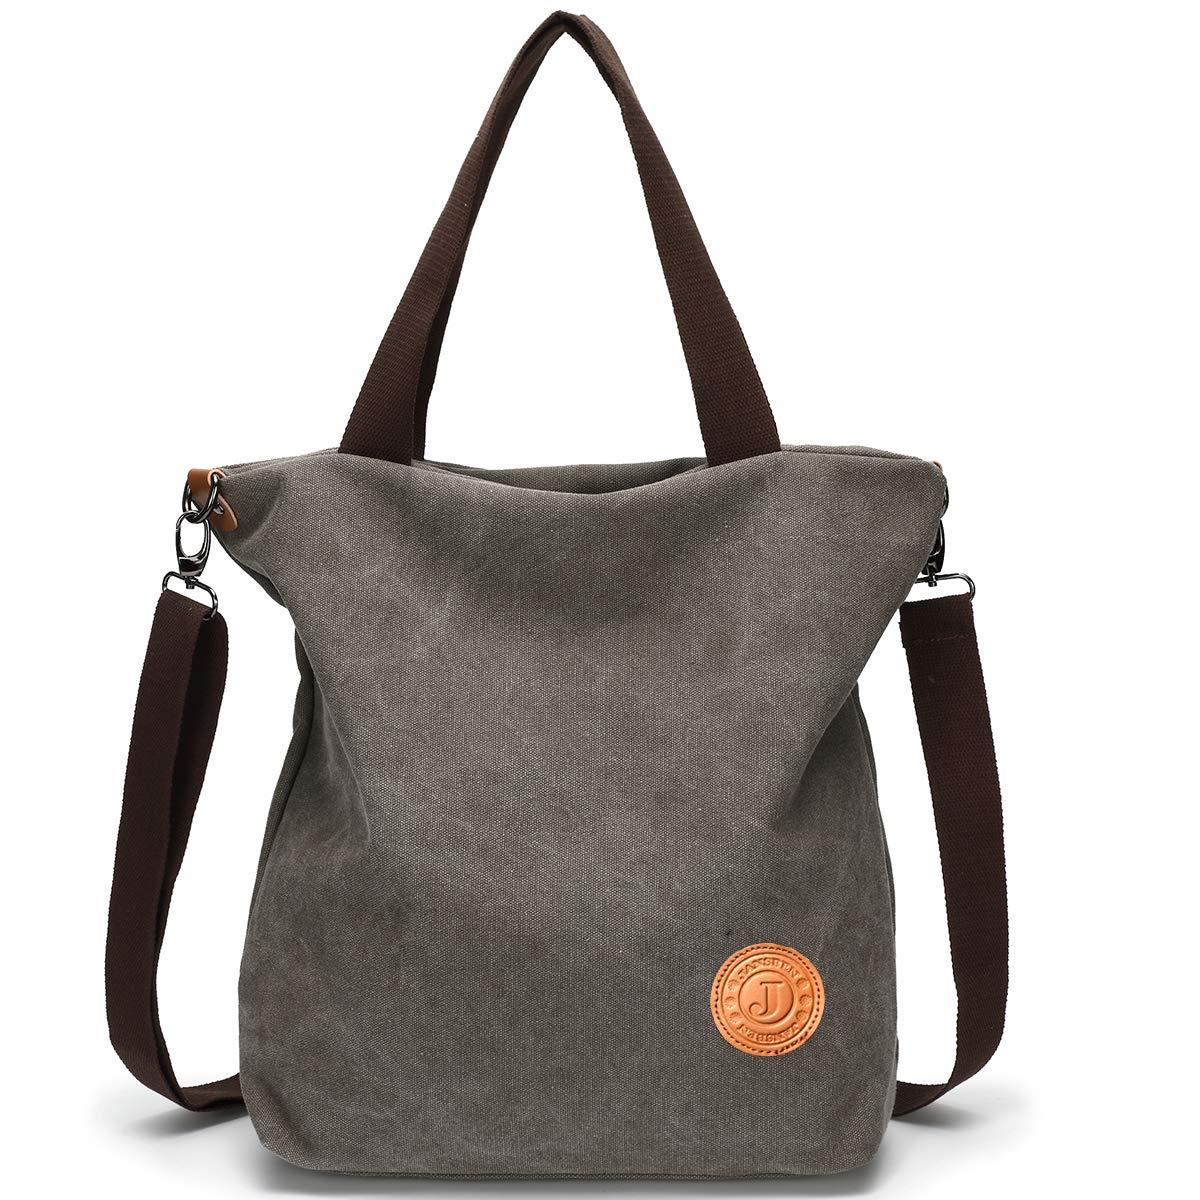 9181da5c0d476 JANSBEN Damen Canvas Handtasche Schultertasche Casual Multifunktionale  Umhängetaschen Große für Arbeit Schule Shopper Lässige täglich (